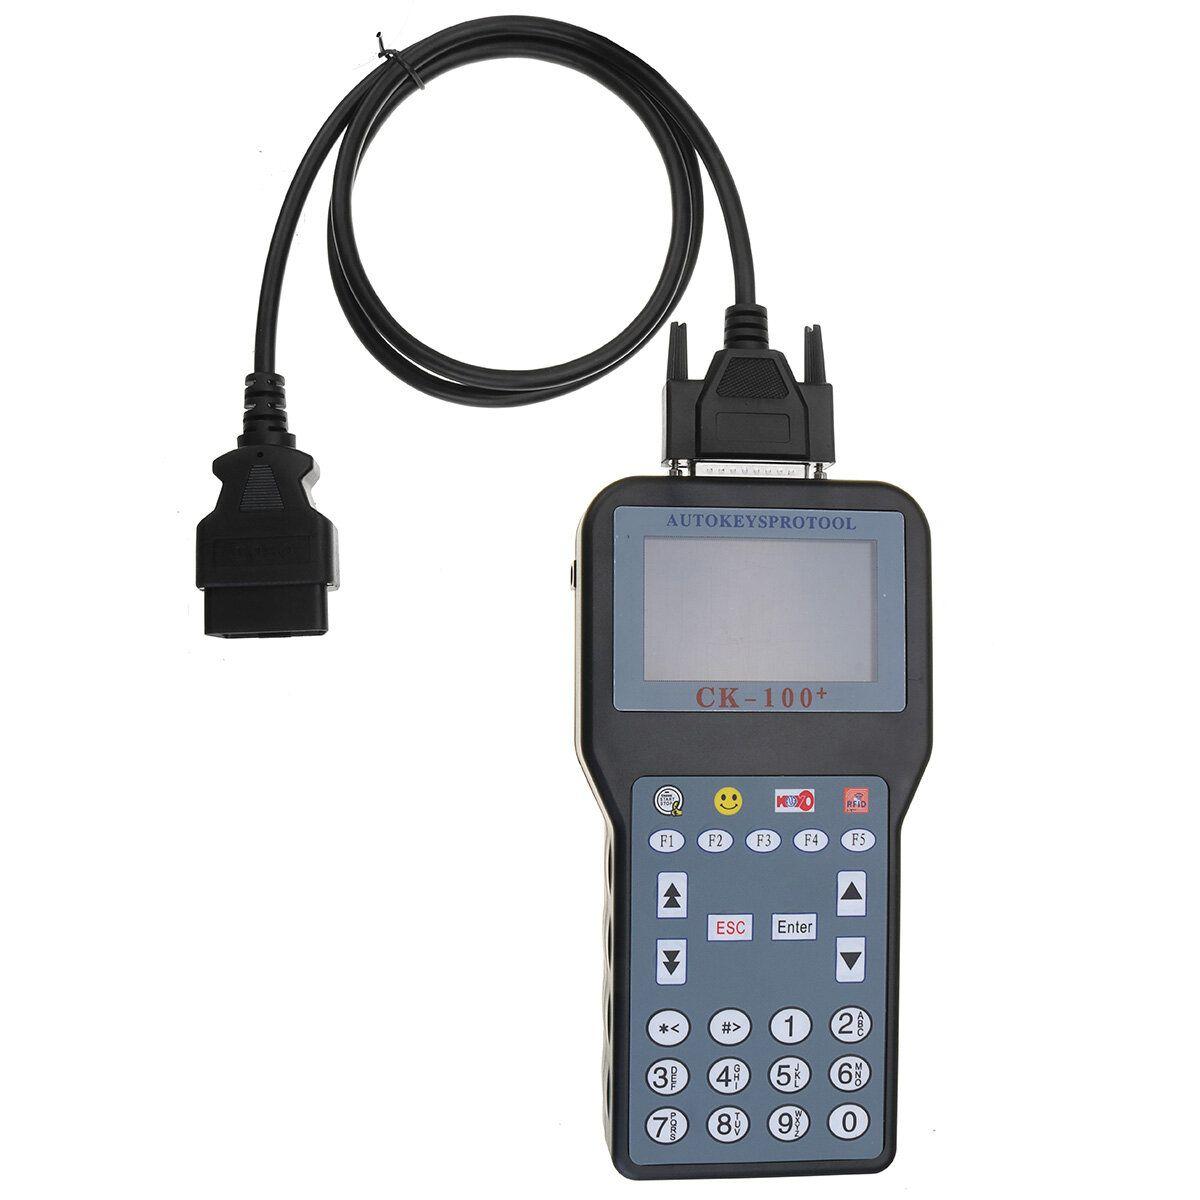 CK 100 V99.99 Car Key Programmer Auto OBD2 Programming Tool No Tokens Limited SBB Upgrade Version